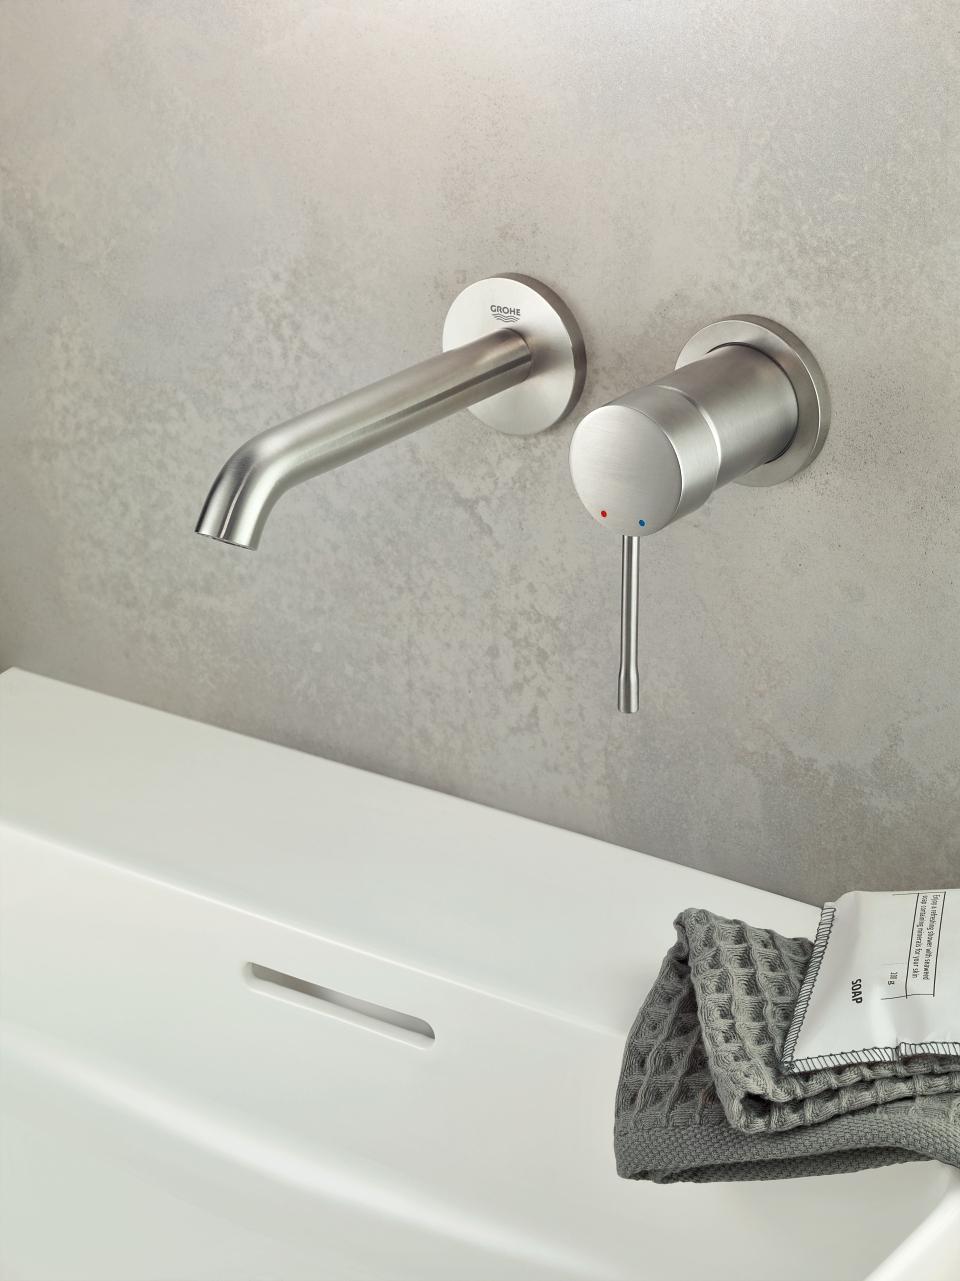 Full Size of Essence Farben Grohe Colors Wasserhahn Küche Dusche Thermostat Wandanschluss Bad Für Wohnzimmer Grohe Wasserhahn